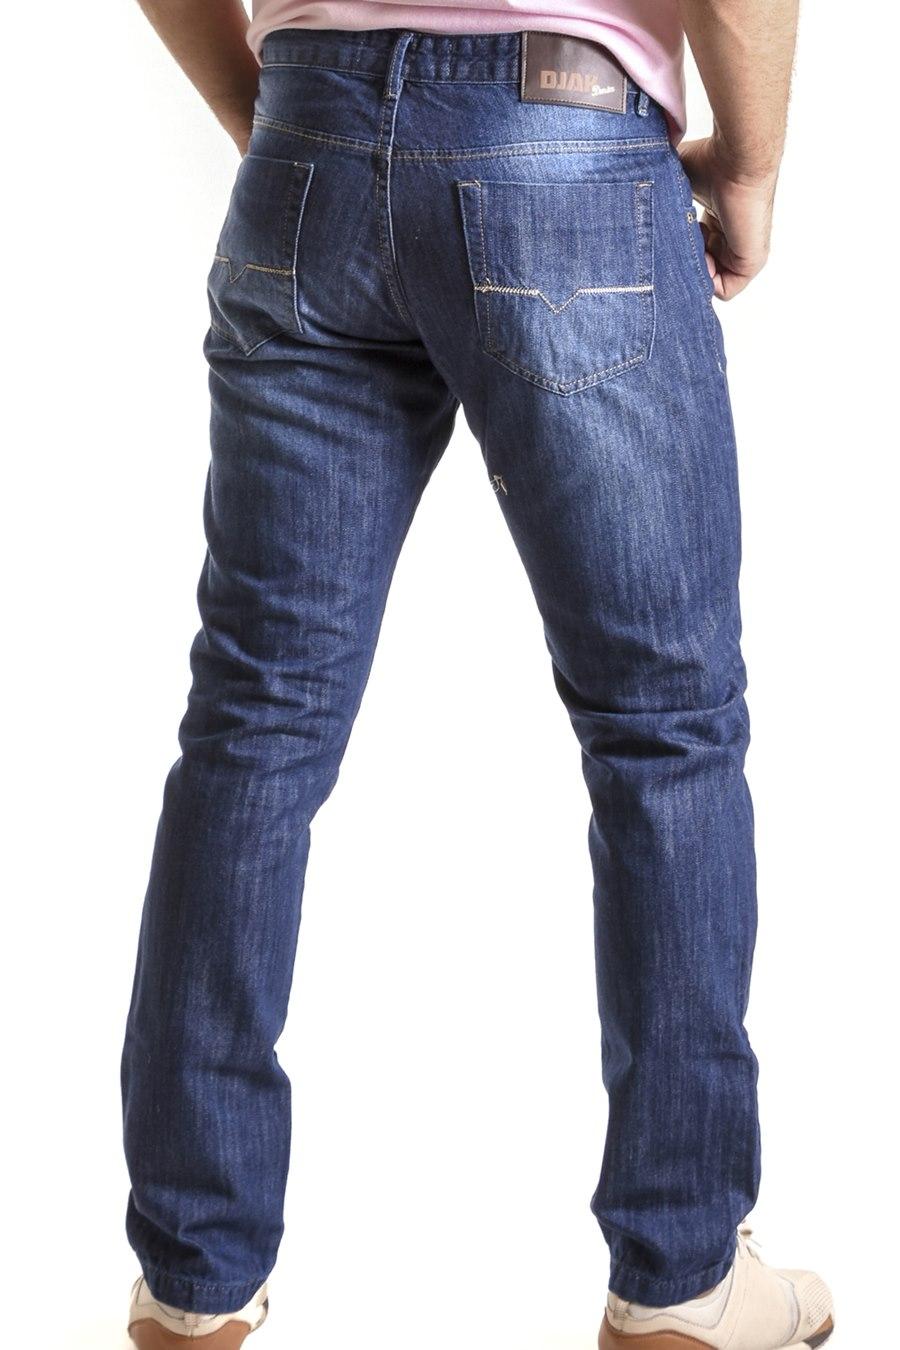 94ca858fb Calça Jeans Ant Fit 2128108 Calça Jeans Ant Fit 2128108 ...